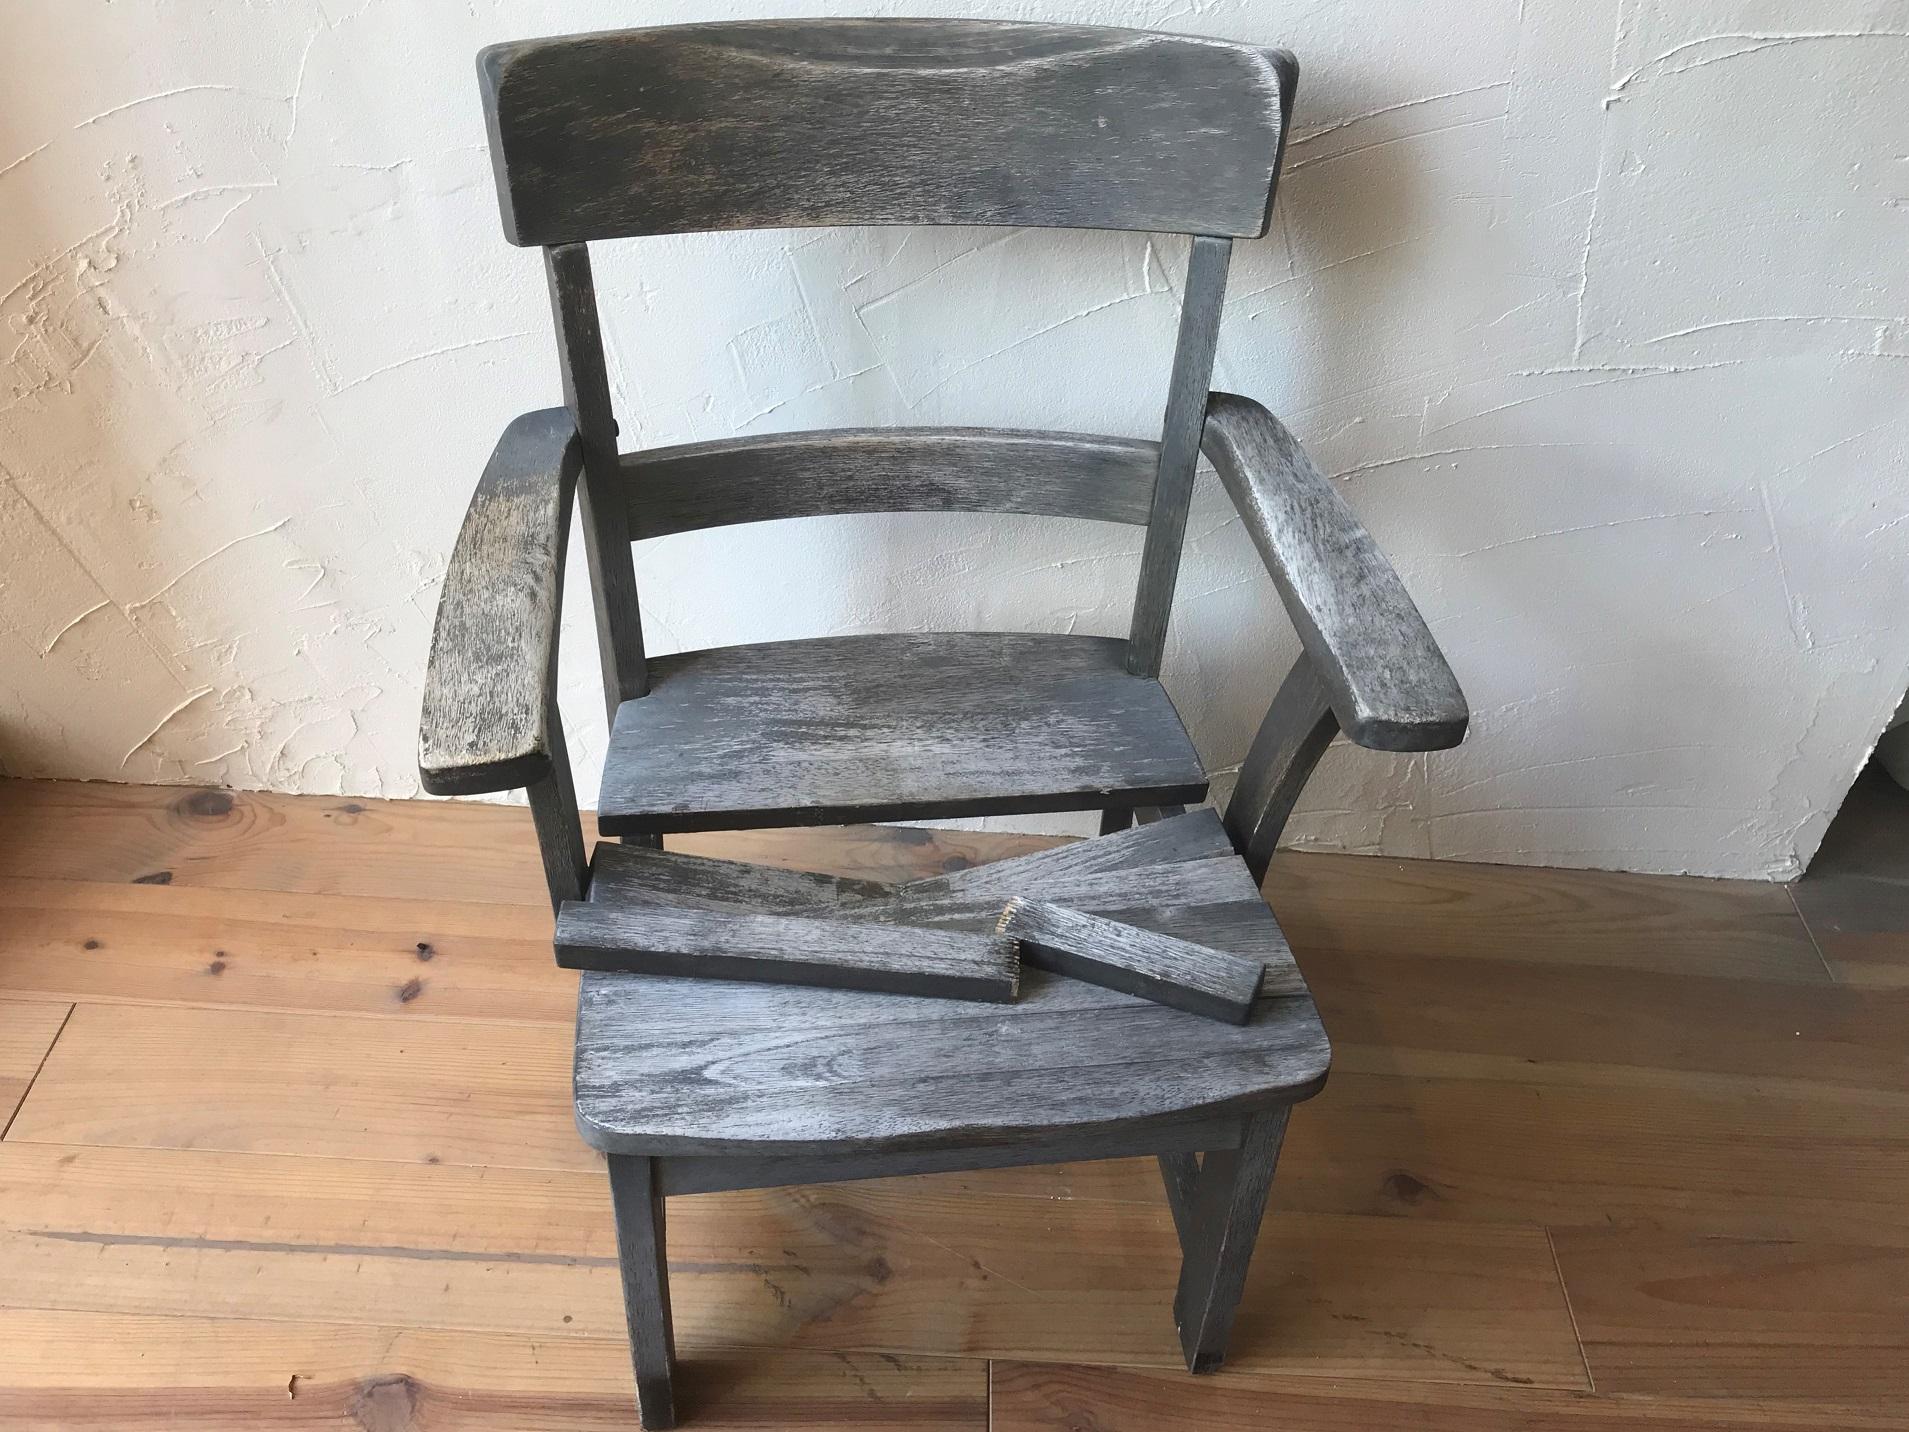 驚愕の家具修理!肘付椅子が蘇る!・尼崎市